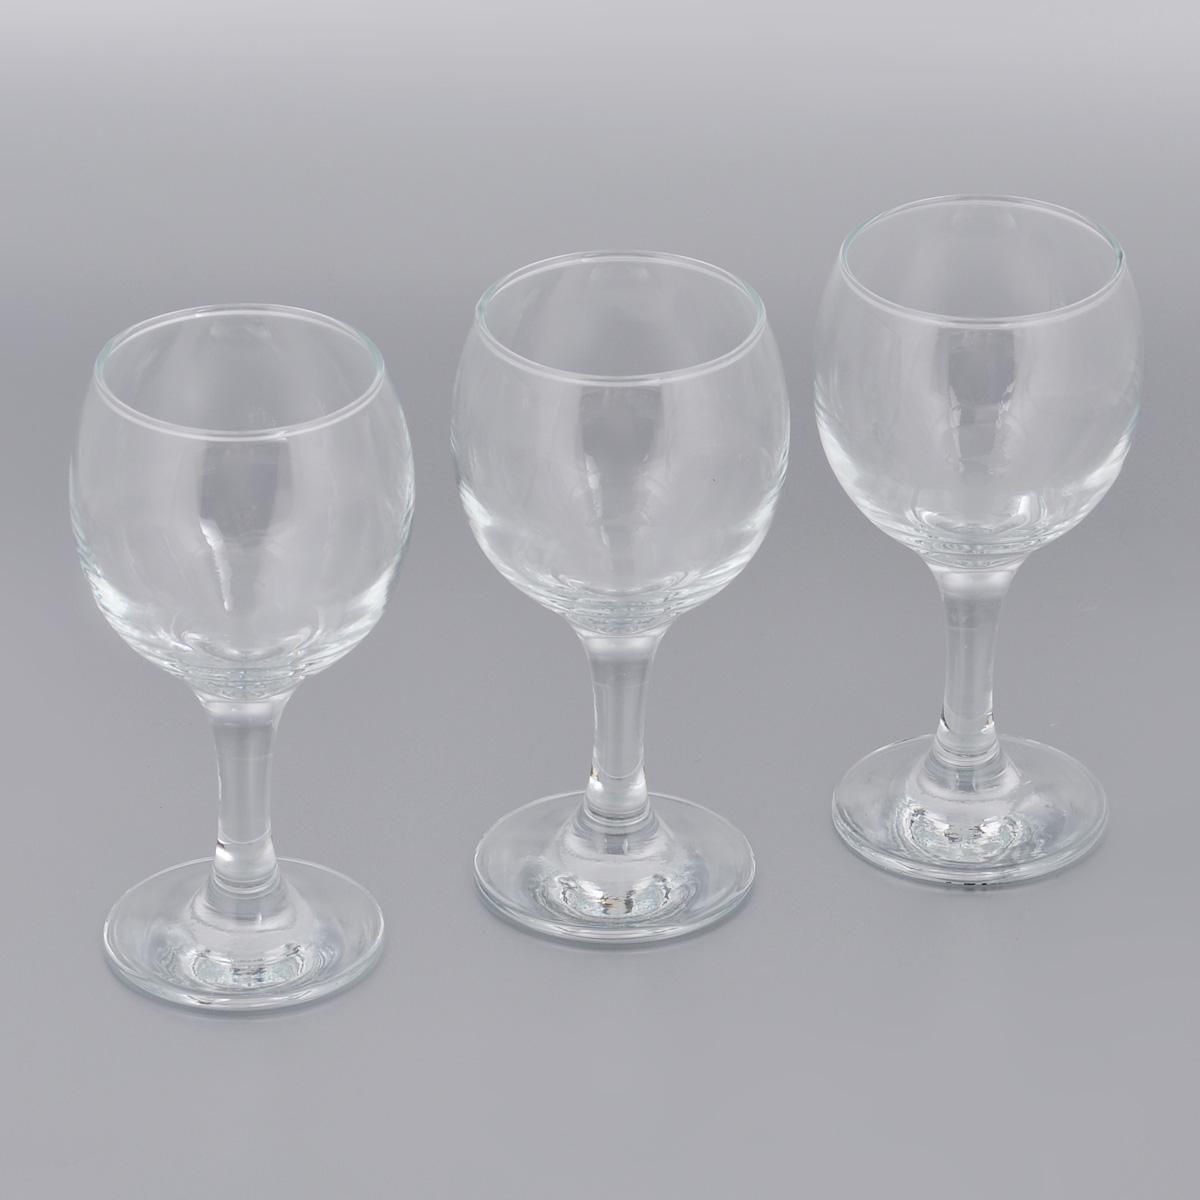 Набор бокалов для вина Pasabahce Bistro, 225 мл, 3 шт44412BНабор Pasabahce Bistro состоит из трех бокалов, выполненных из прочного натрий-кальций-силикатного стекла. Изделия оснащены высокими ножками. Бокалы предназначены для подачи вина. Они сочетают в себе элегантный дизайн и функциональность. Благодаря такому набору пить напитки будет еще вкуснее.Набор бокалов Pasabahce Bistro прекрасно оформит праздничный стол и создаст приятную атмосферу за романтическим ужином. Такой набор также станет хорошим подарком к любому случаю. Можно мыть в посудомоечной машине и использовать в микроволновой печи.Диаметр бокала (по верхнему краю): 6 см. Высота бокала: 15 см.